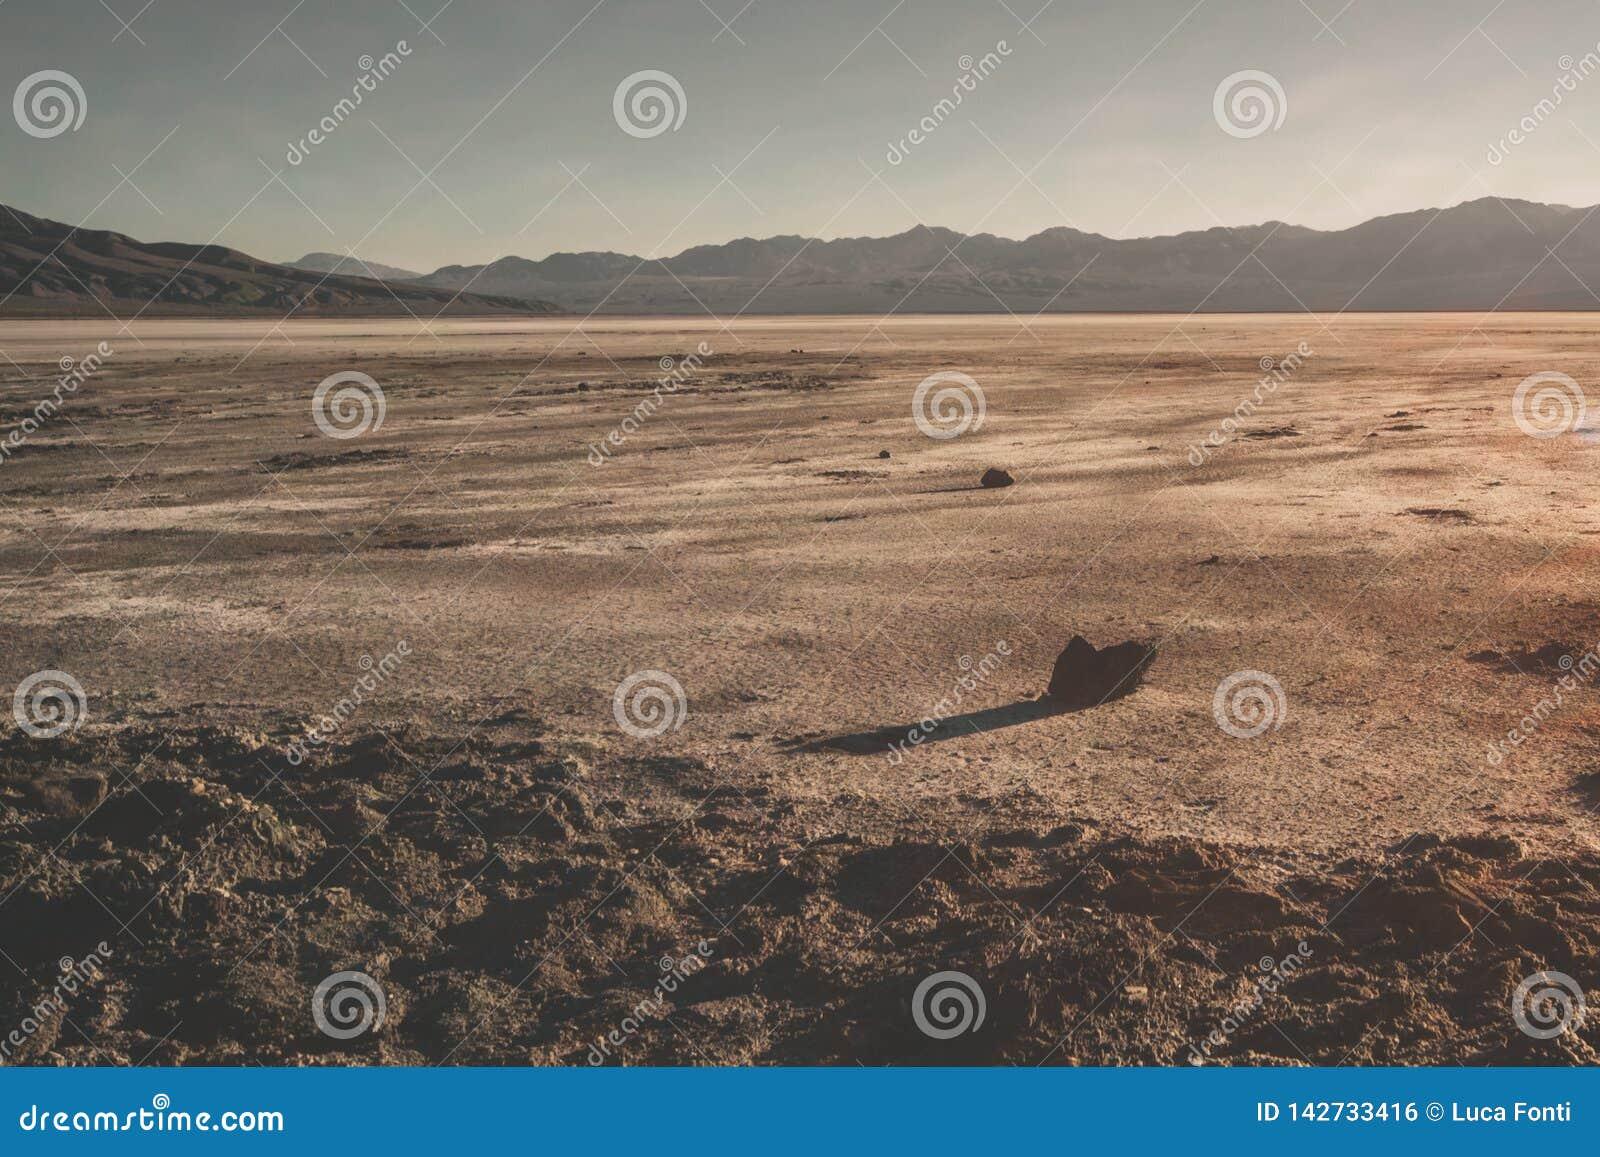 死亡谷荒原全景